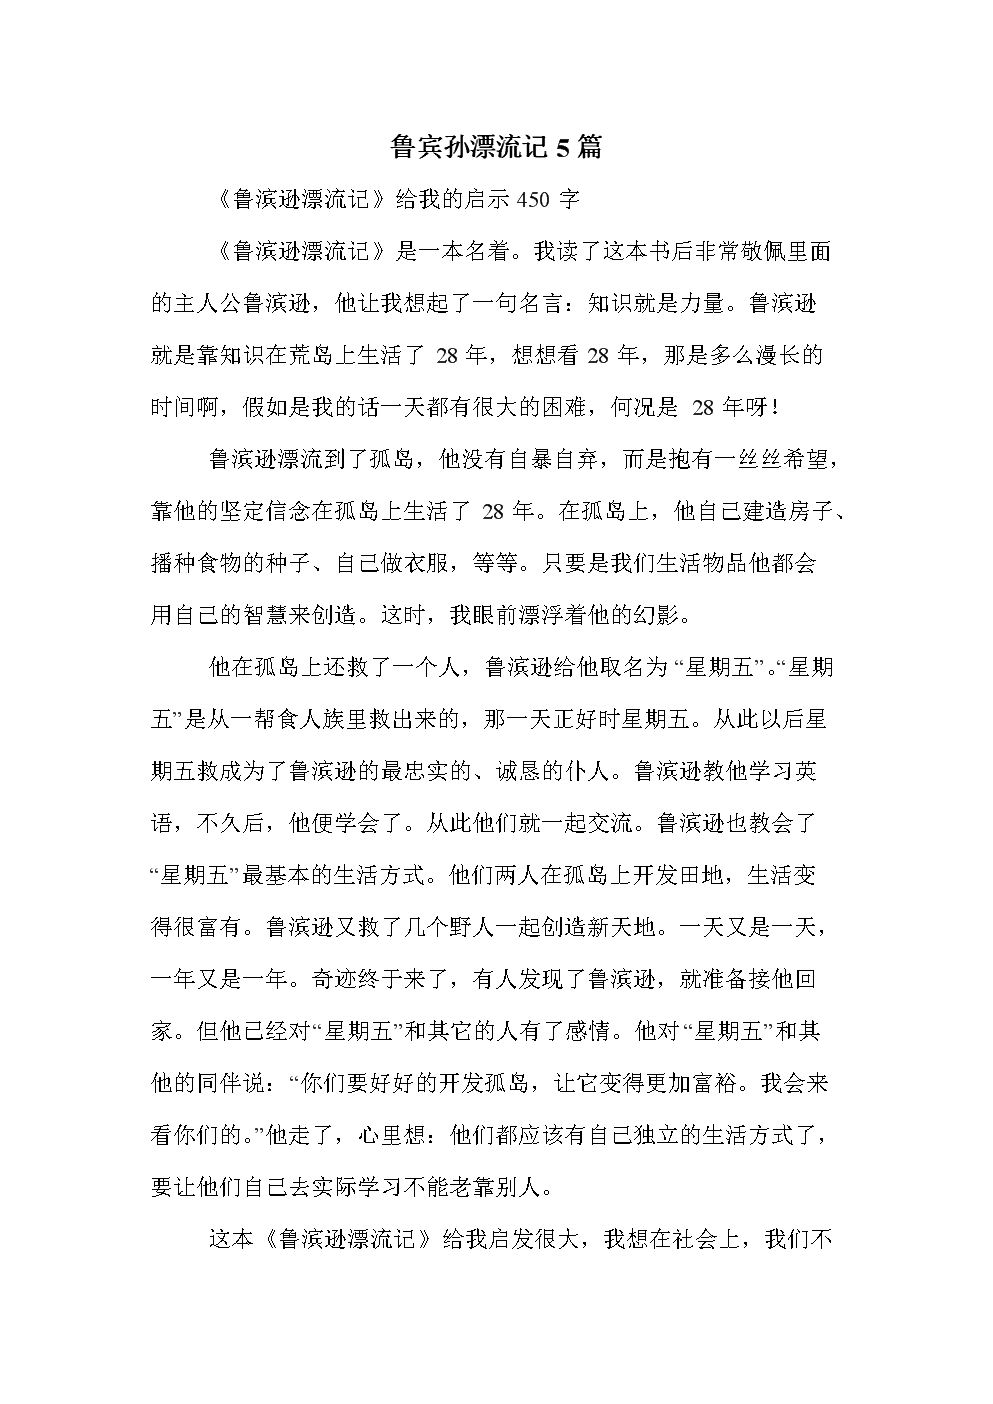 鲁宾孙漂流记5篇 .doc